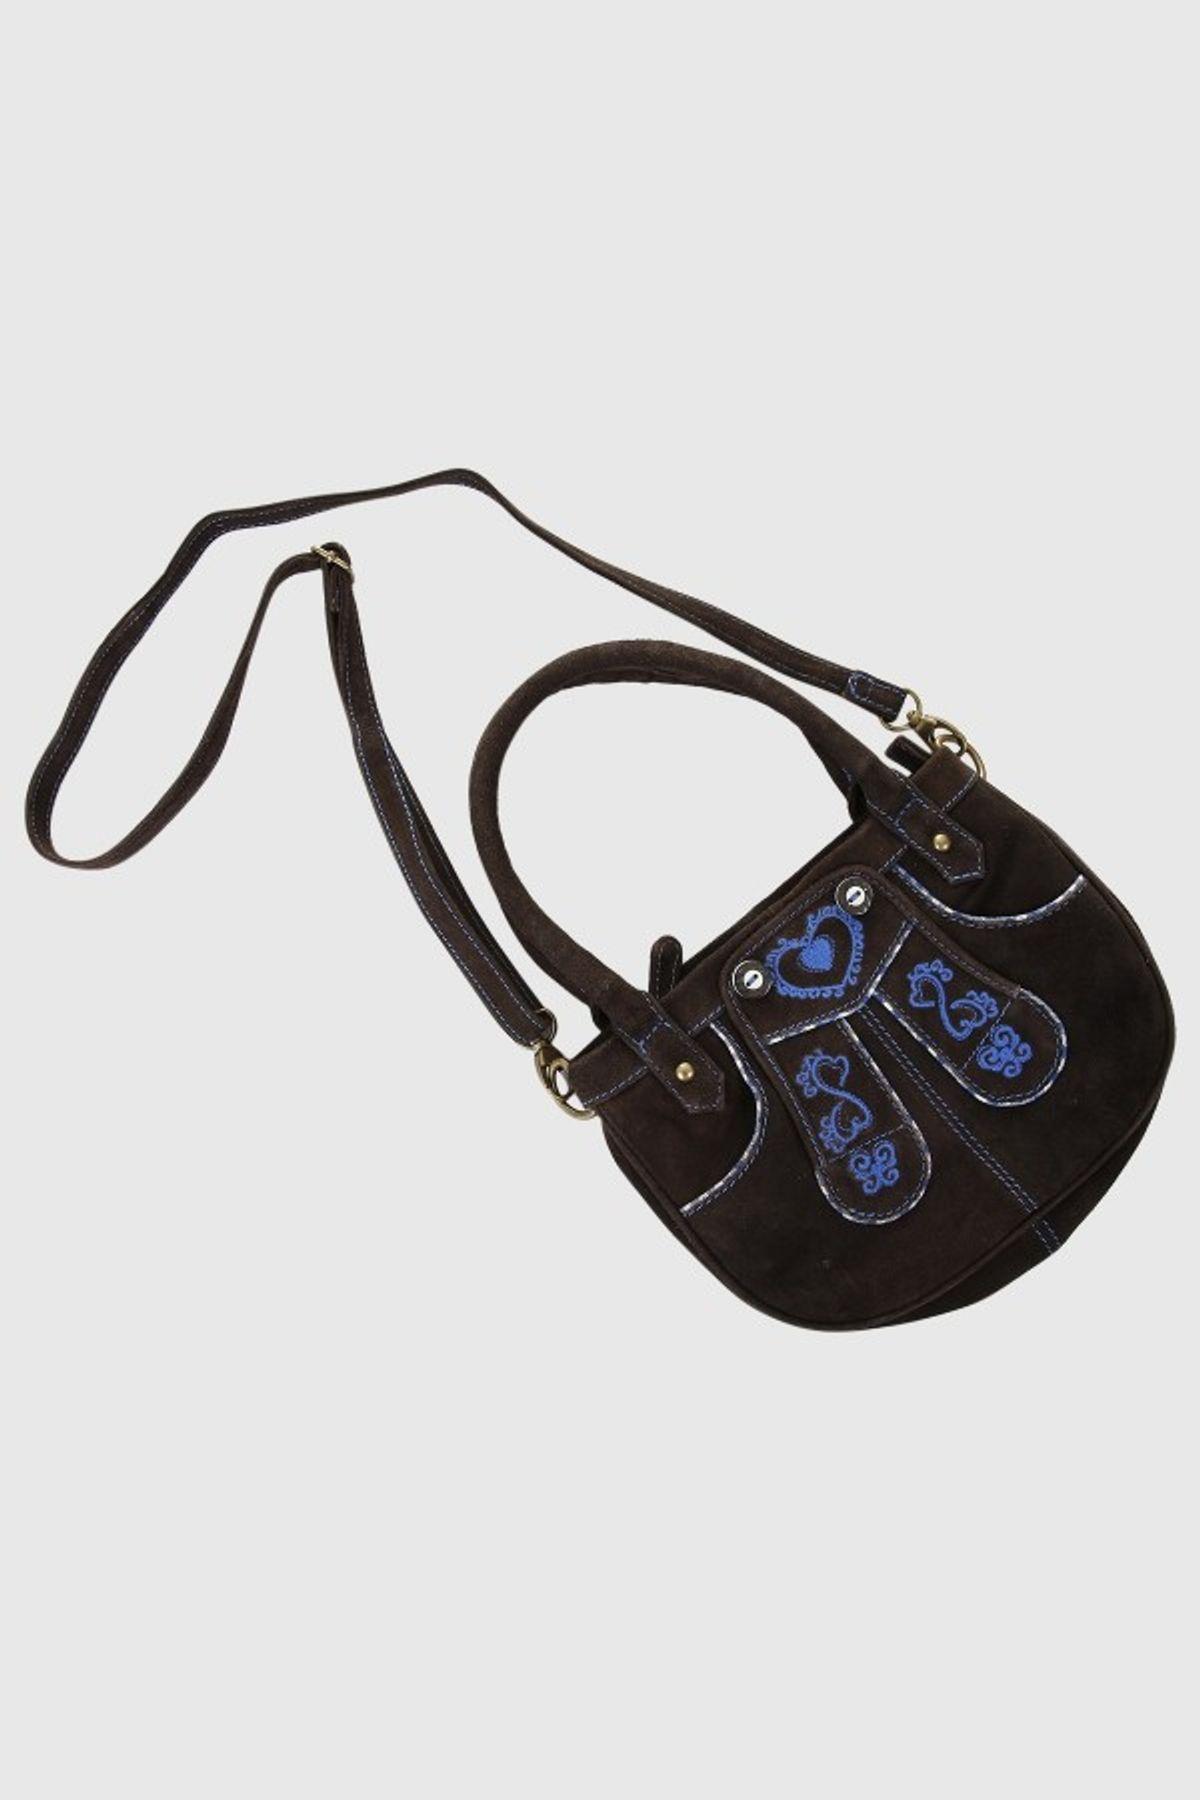 Krüger - Damen Trachtentasche in braun/blau, Krachlederne (4720-708) – Bild 3